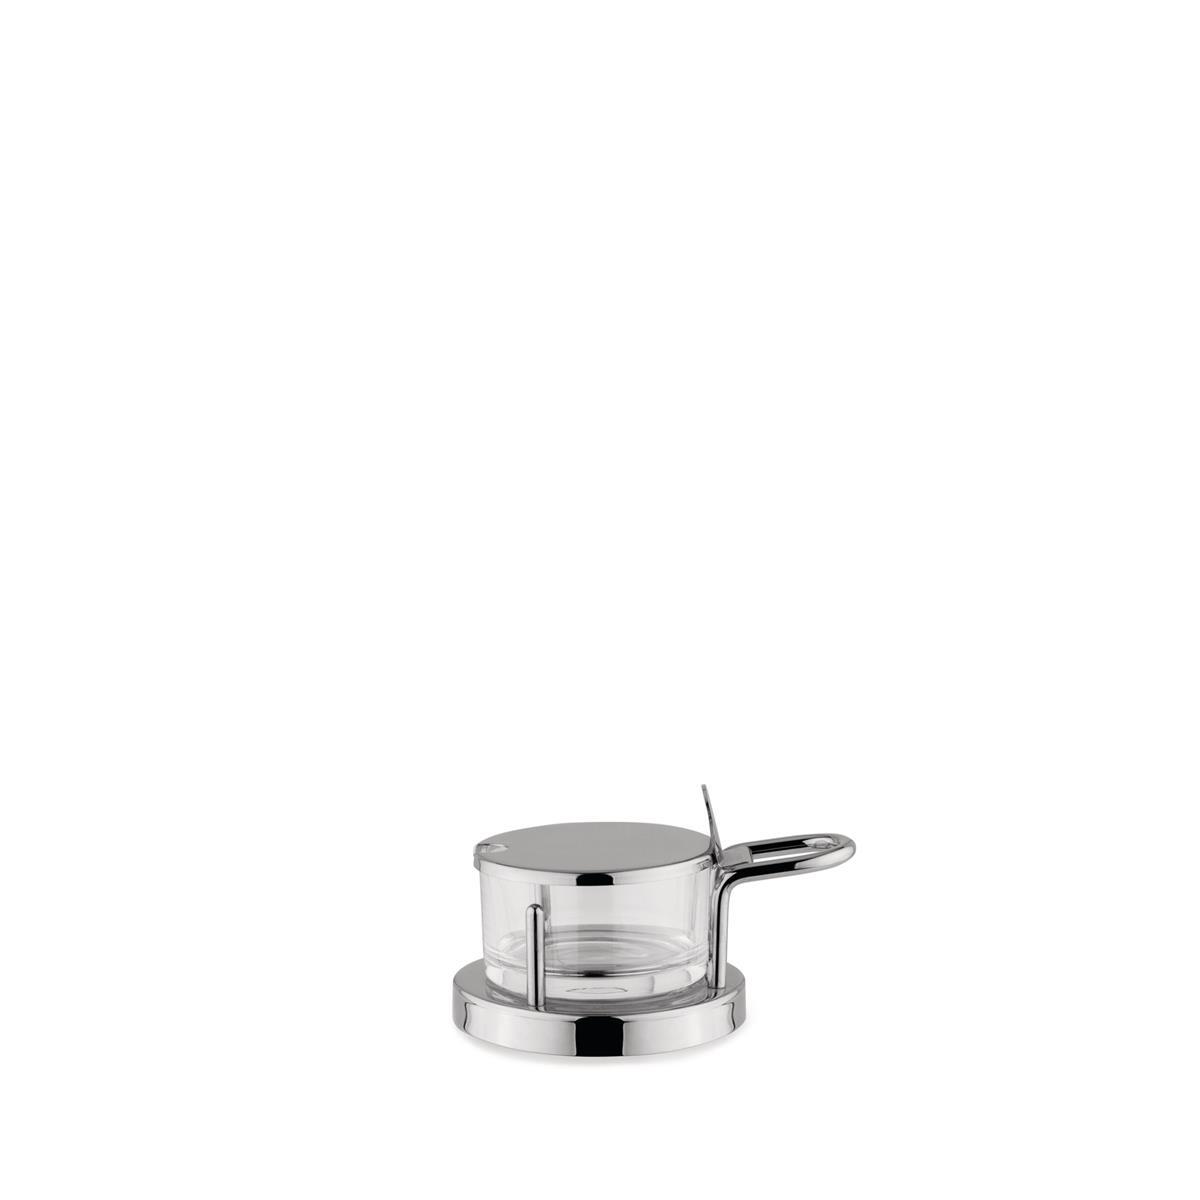 Alessi-Käse-Schale aus spiegelpoliertem und kristallinem Glas aus Edelstahl 18/10